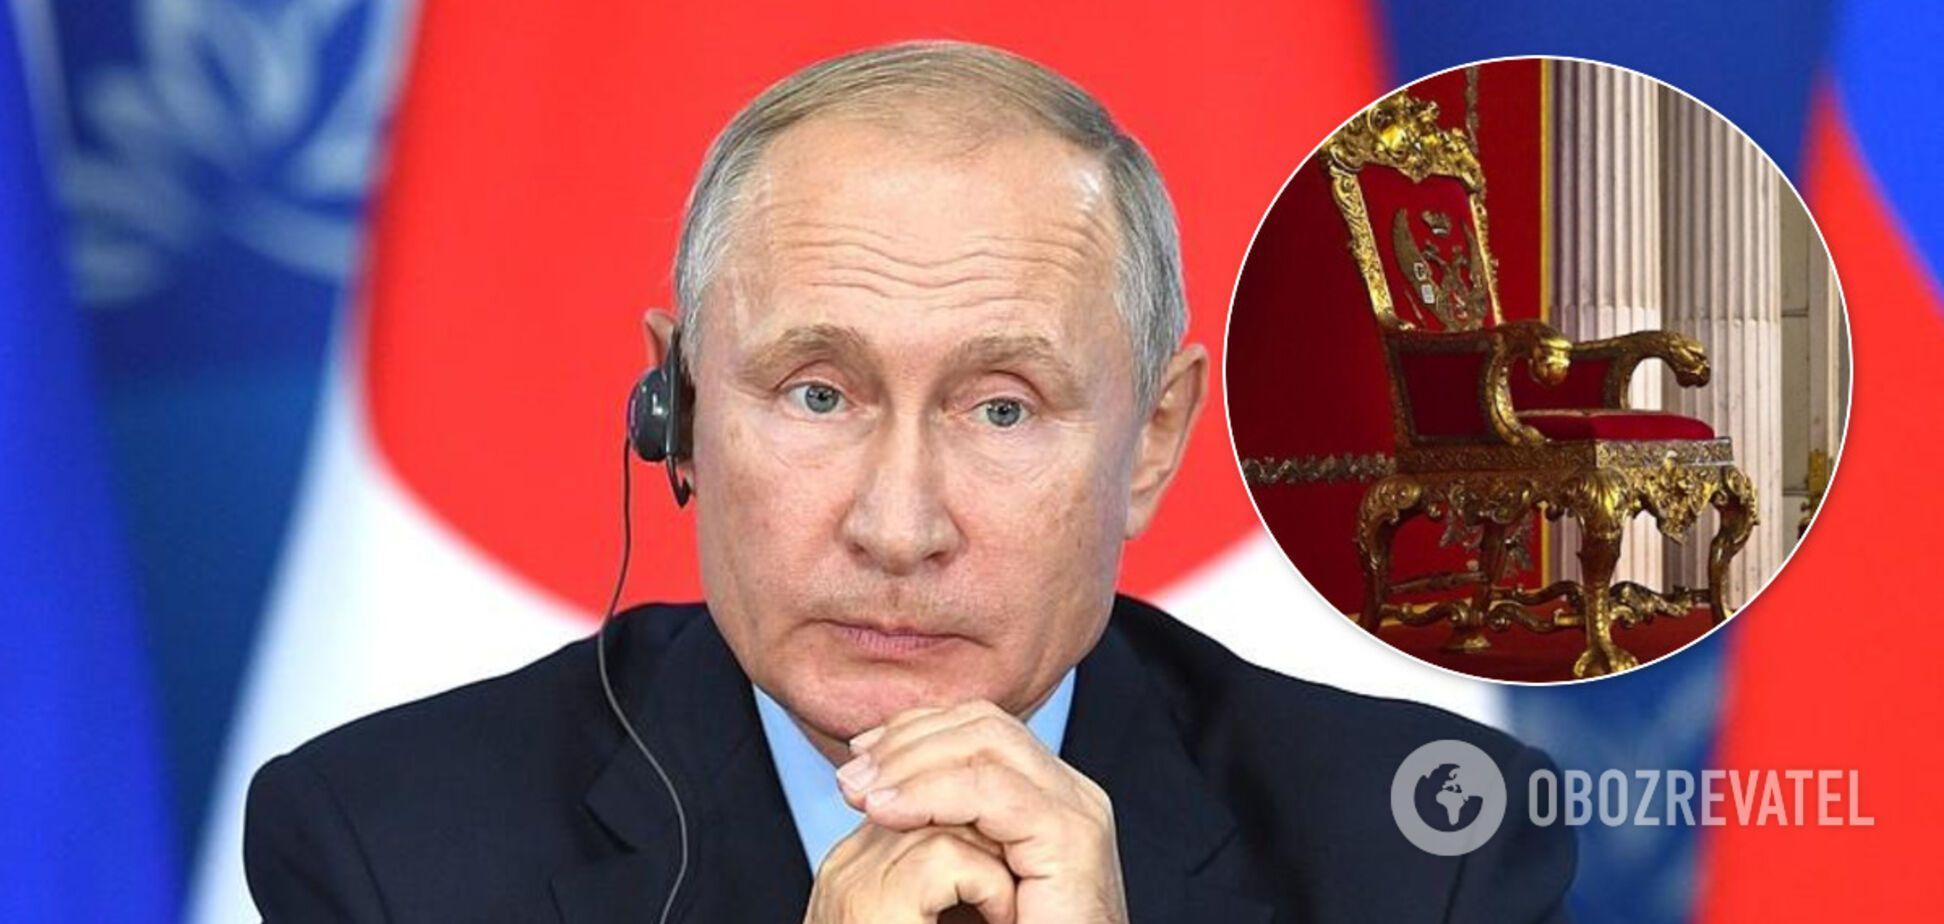 Наступник Путіна повинен влаштовувати три клани Кремля: названі критерії